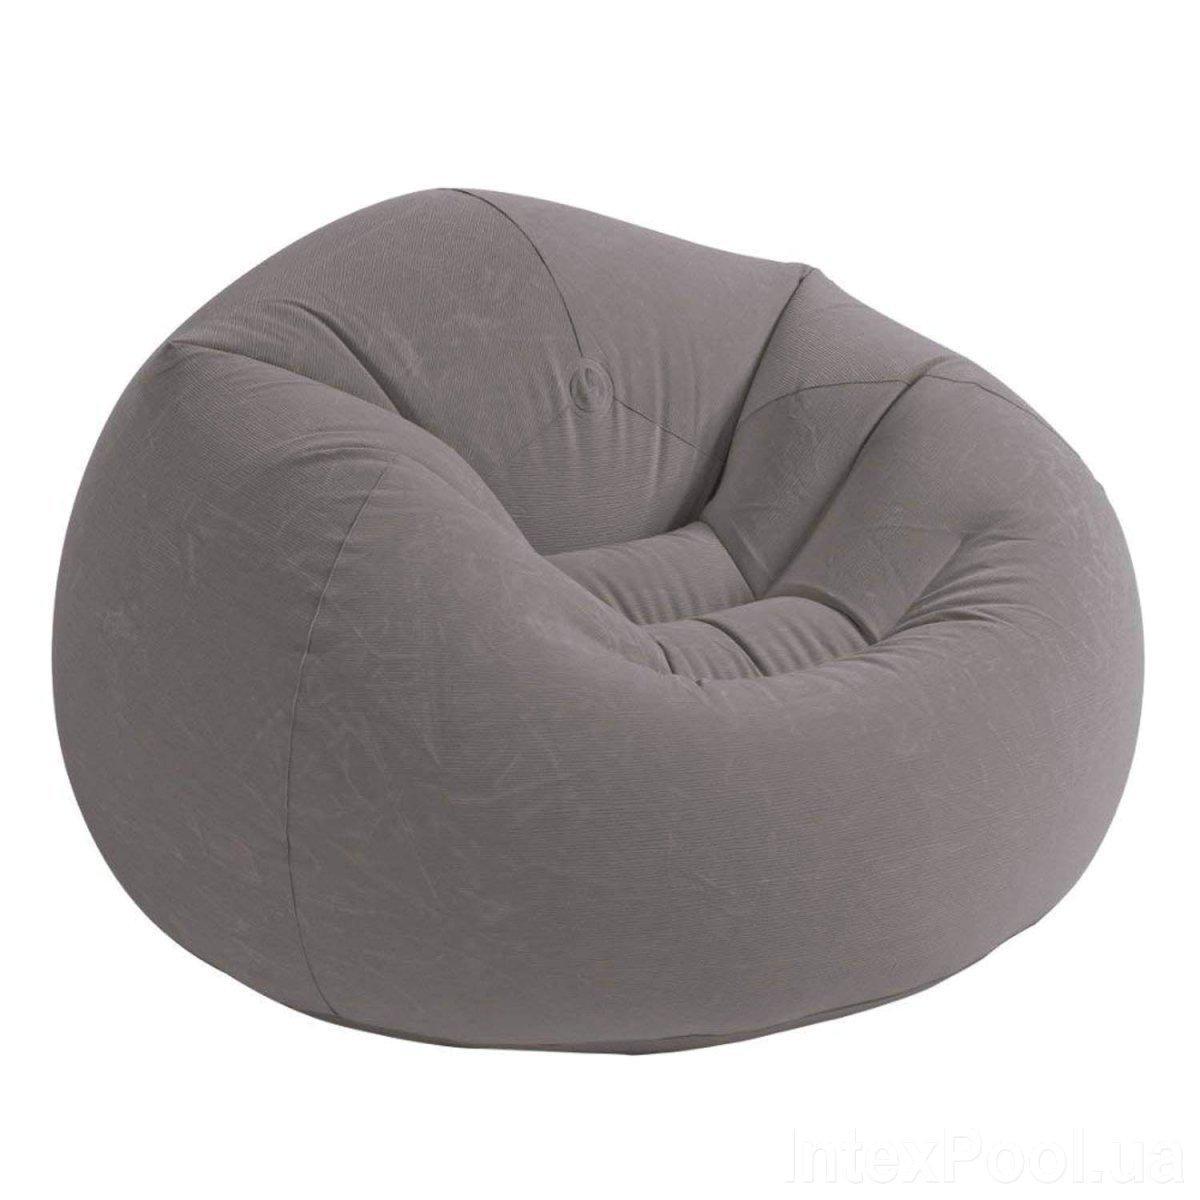 Надувное велюровое кресло-мешок Intex 68579, (107*104*69 см), серое